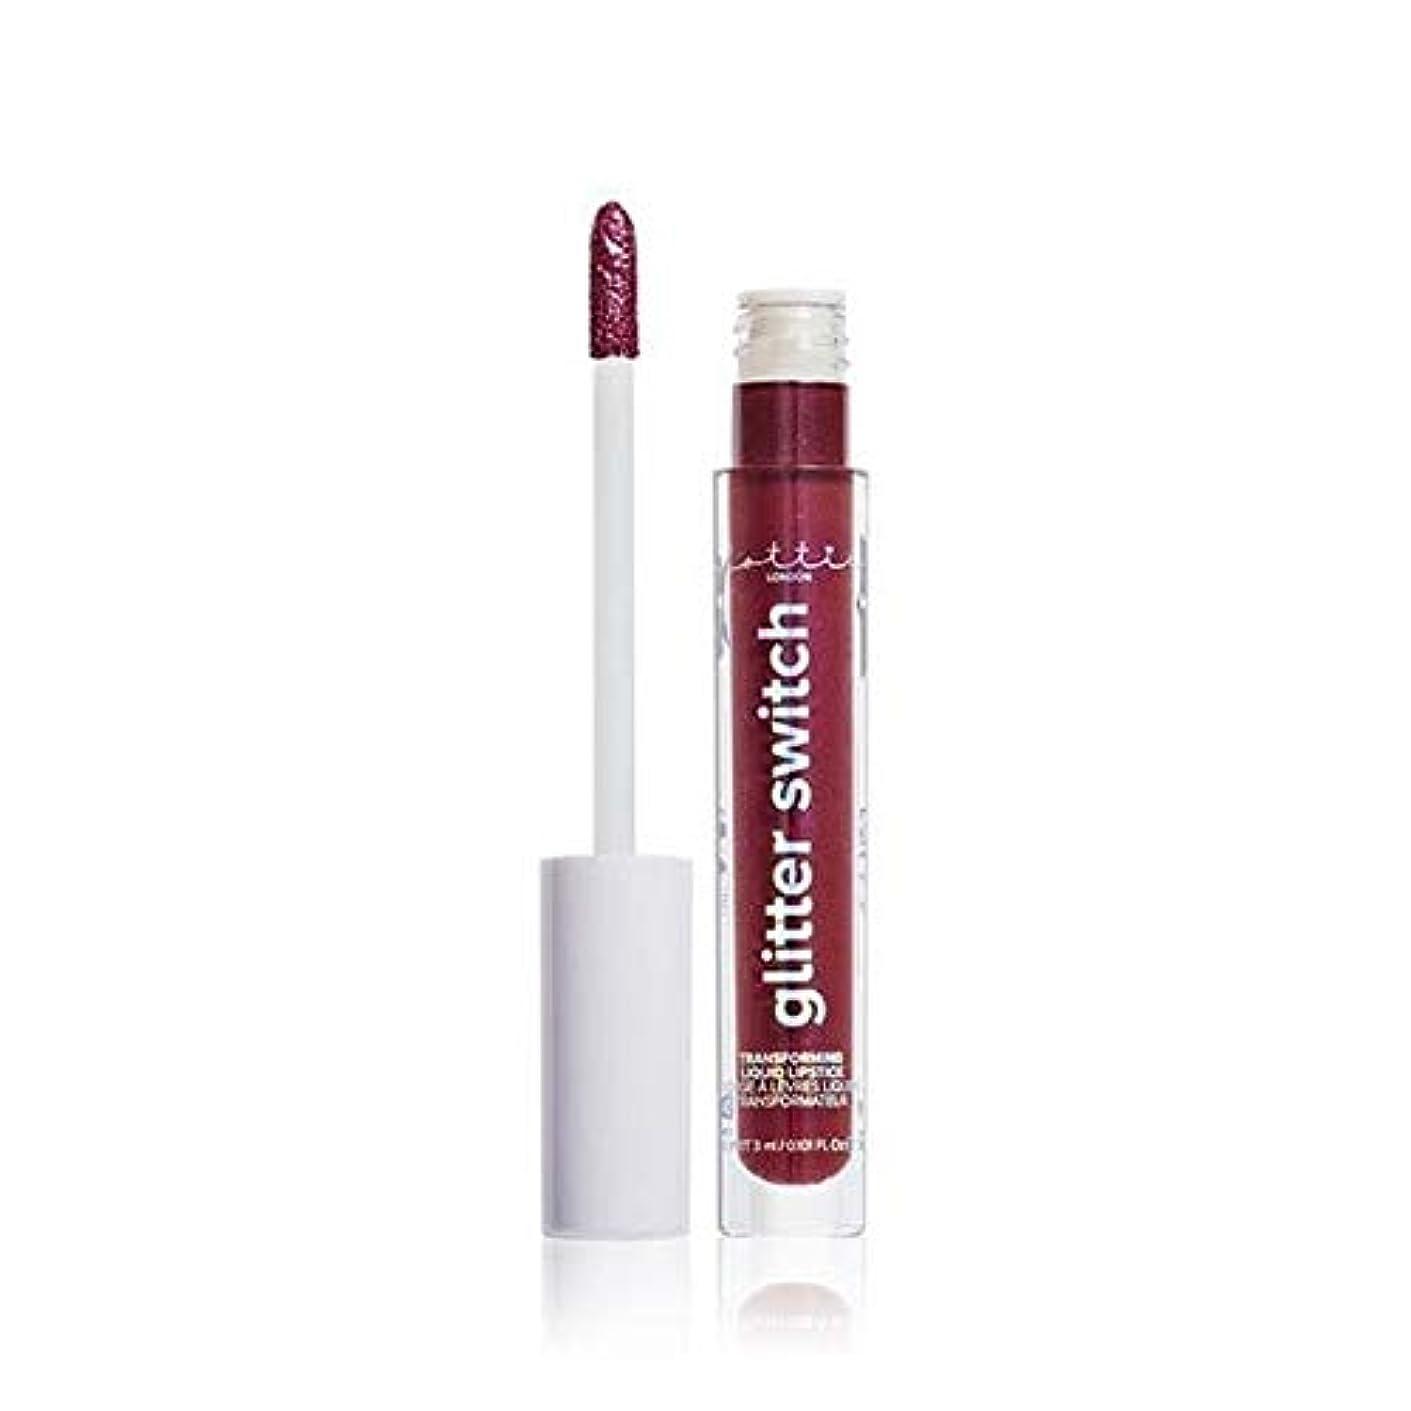 オプショナル遠洋のハグ[Lottie London] Lottieロンドングリッタースイッチはそれをキリン口紅を変換します - Lottie London Glitter Switch Transform Lipstick Killin It...